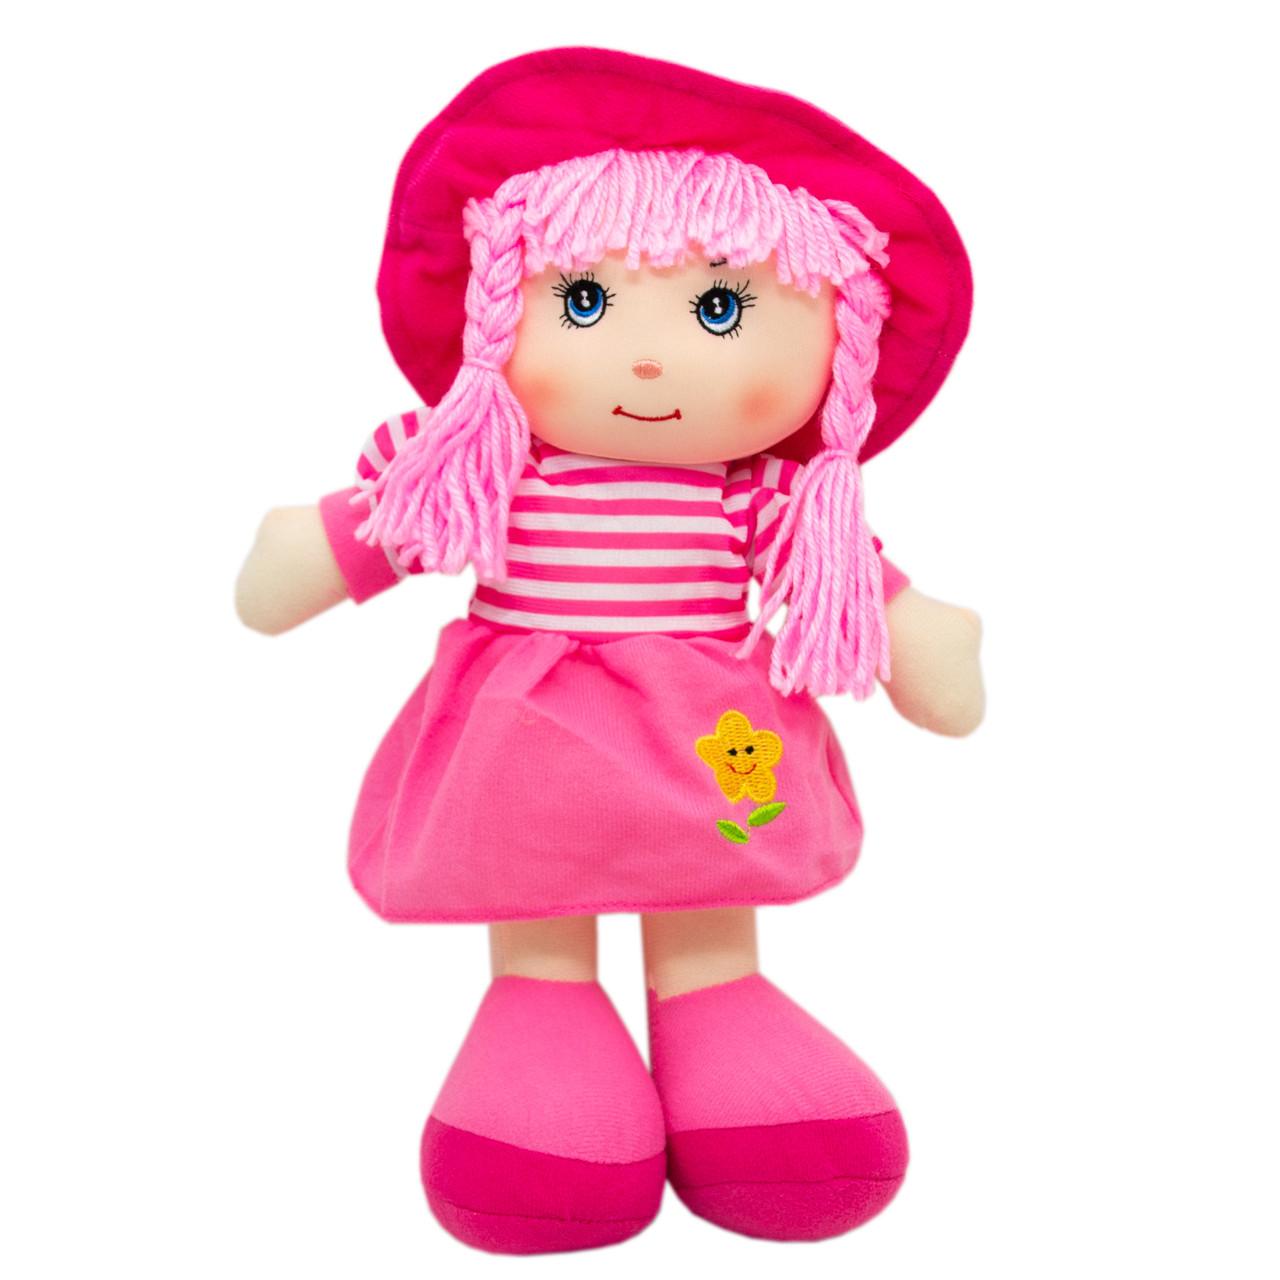 Кукла мягконабивная с вышитым лицом, 36 см, розовая (53914-2)